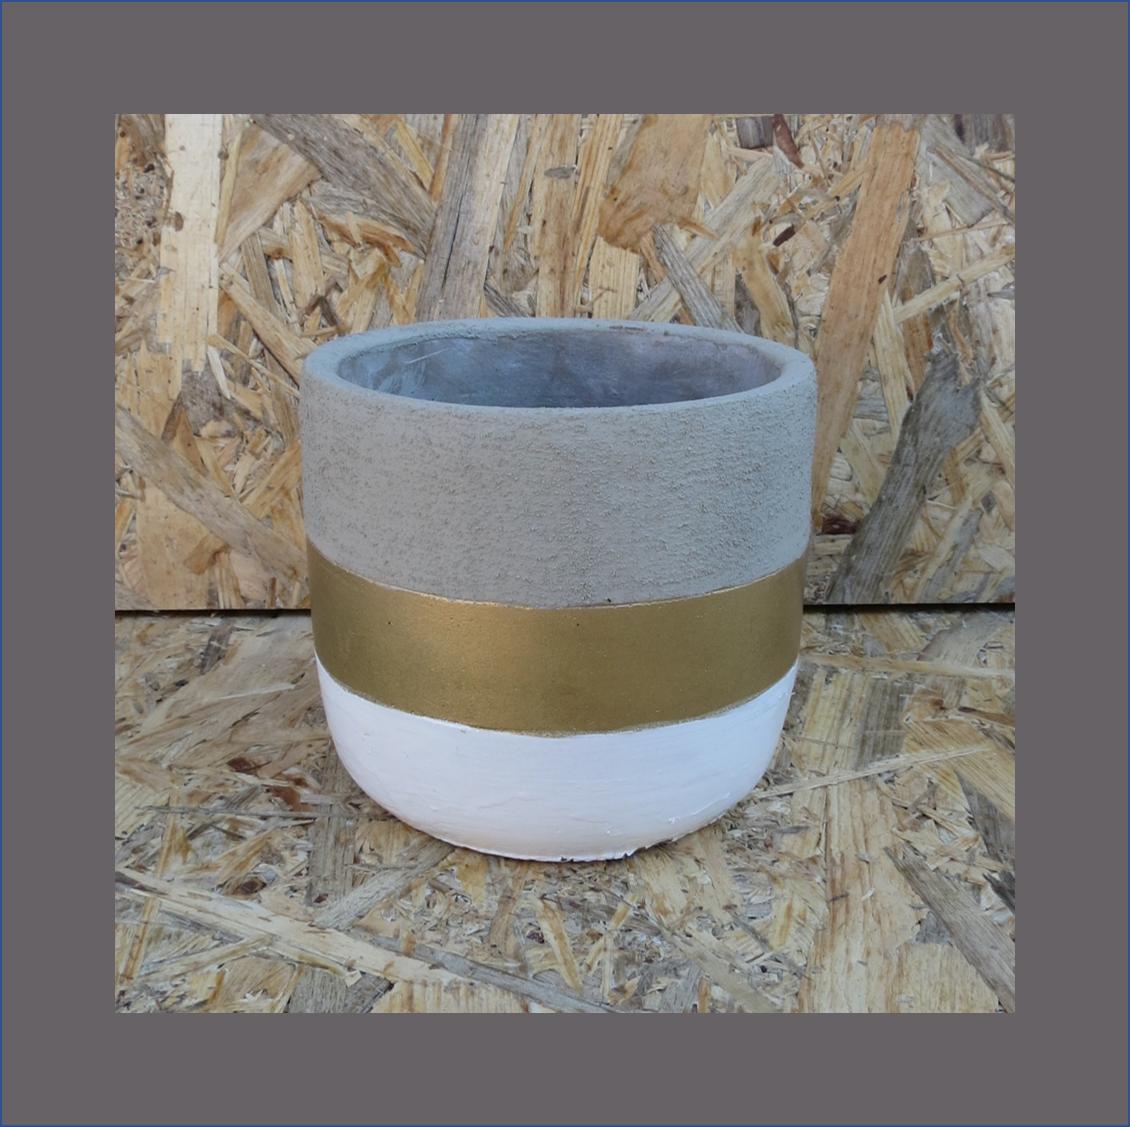 concrete-layered-vase